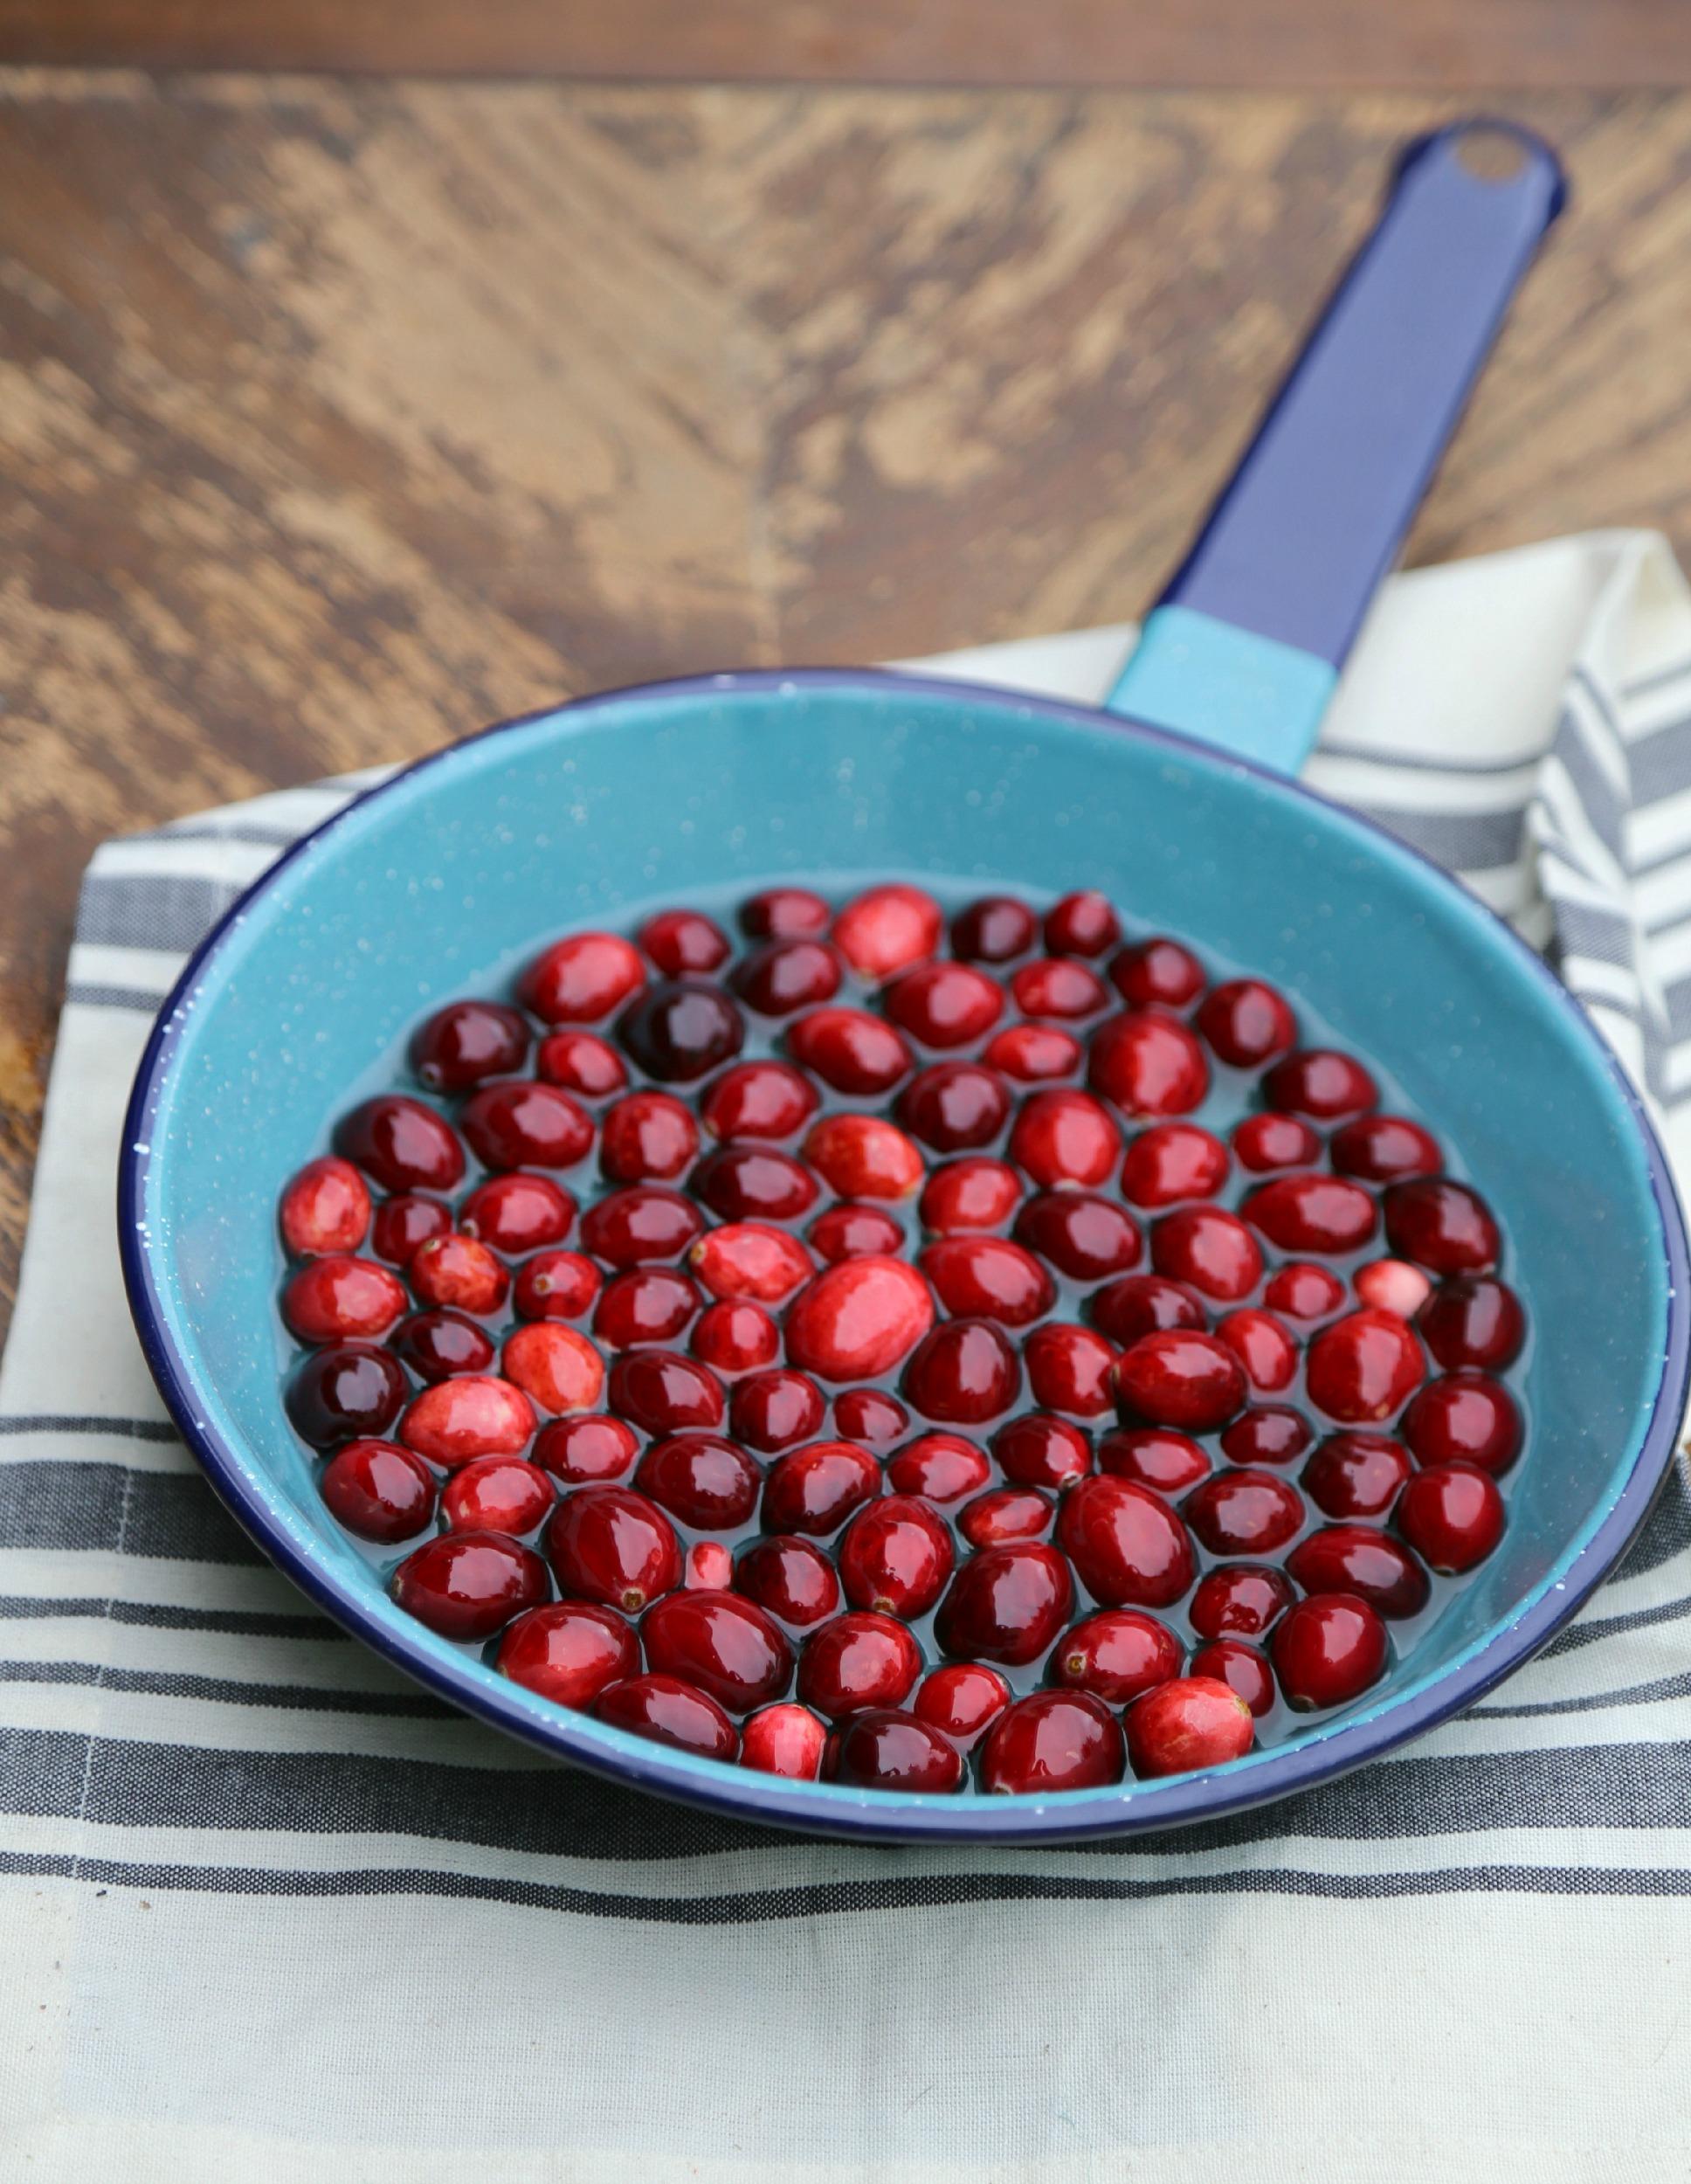 easy-sugared-cranberries-recipe-vianneyrodriguez-sweetlifebake